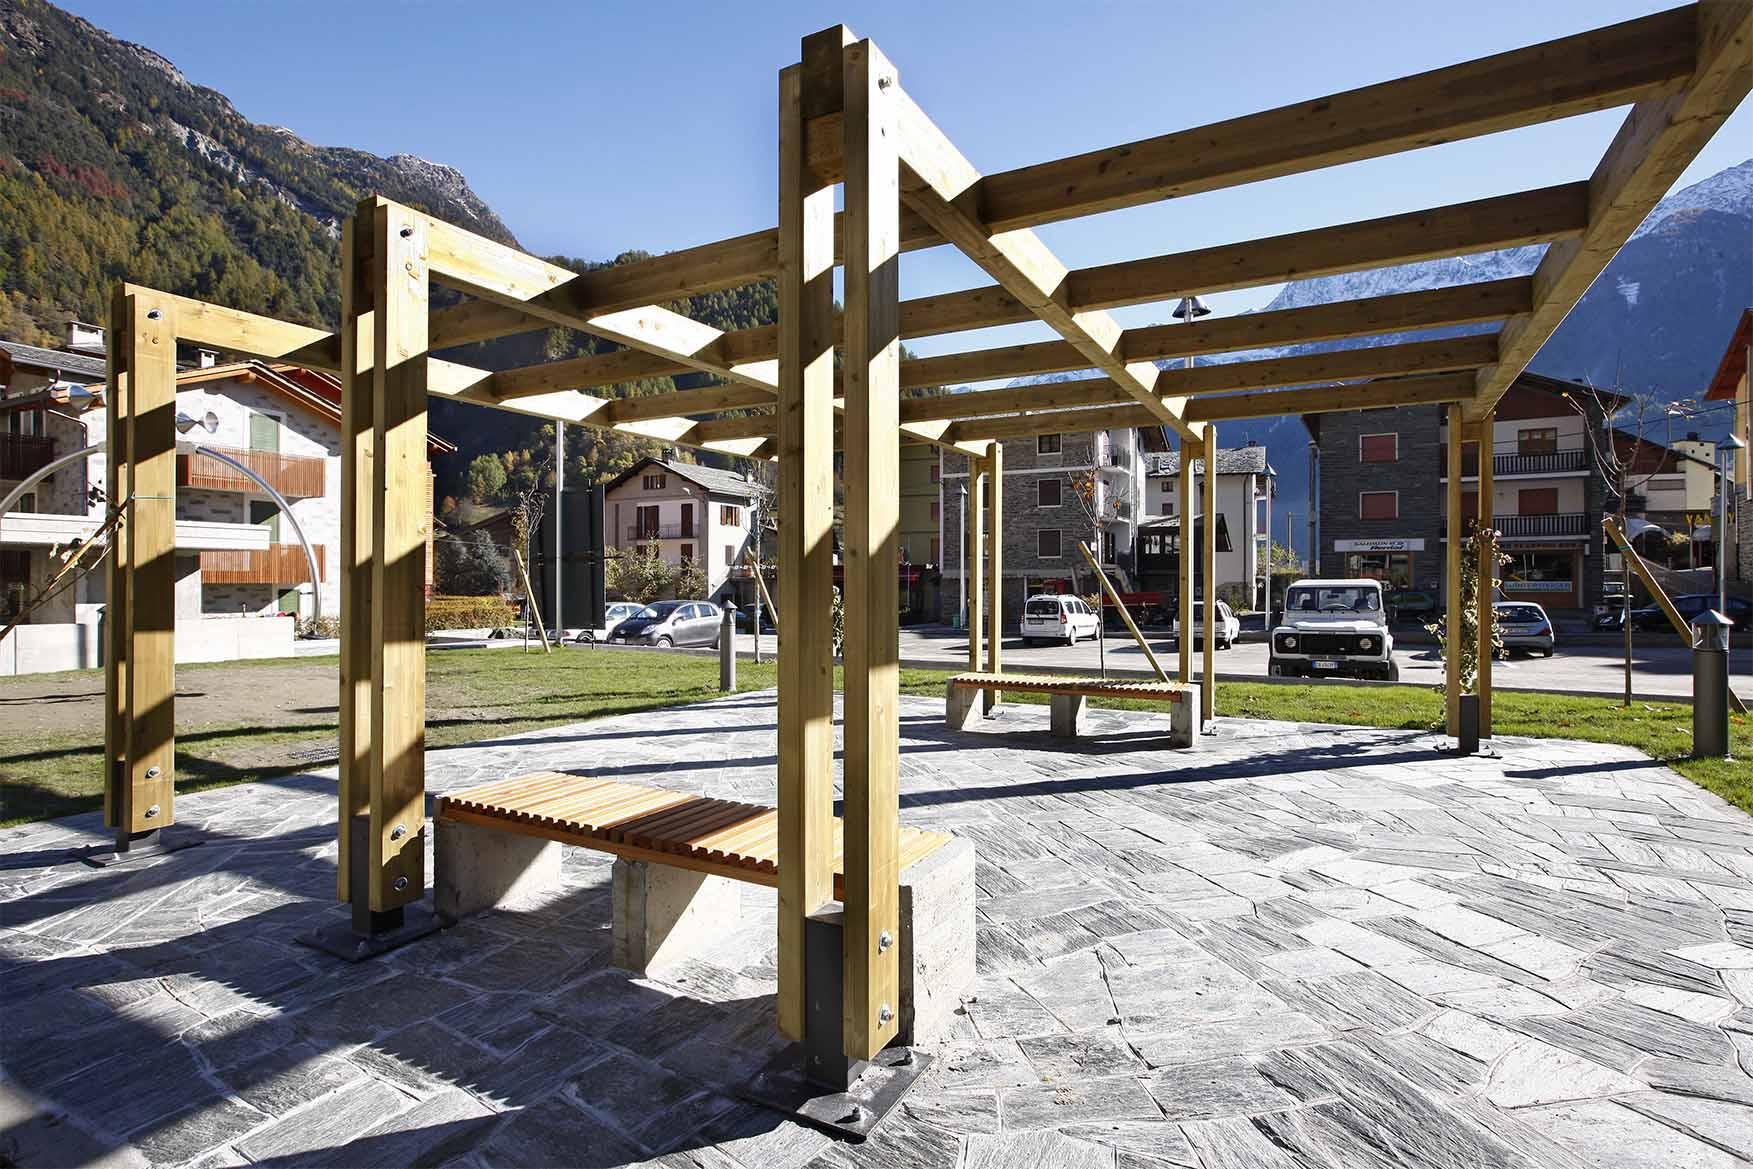 Pergolato in legno di pino nordico impregnato in autoclave realizzato da Linea Montanalegno - ILT